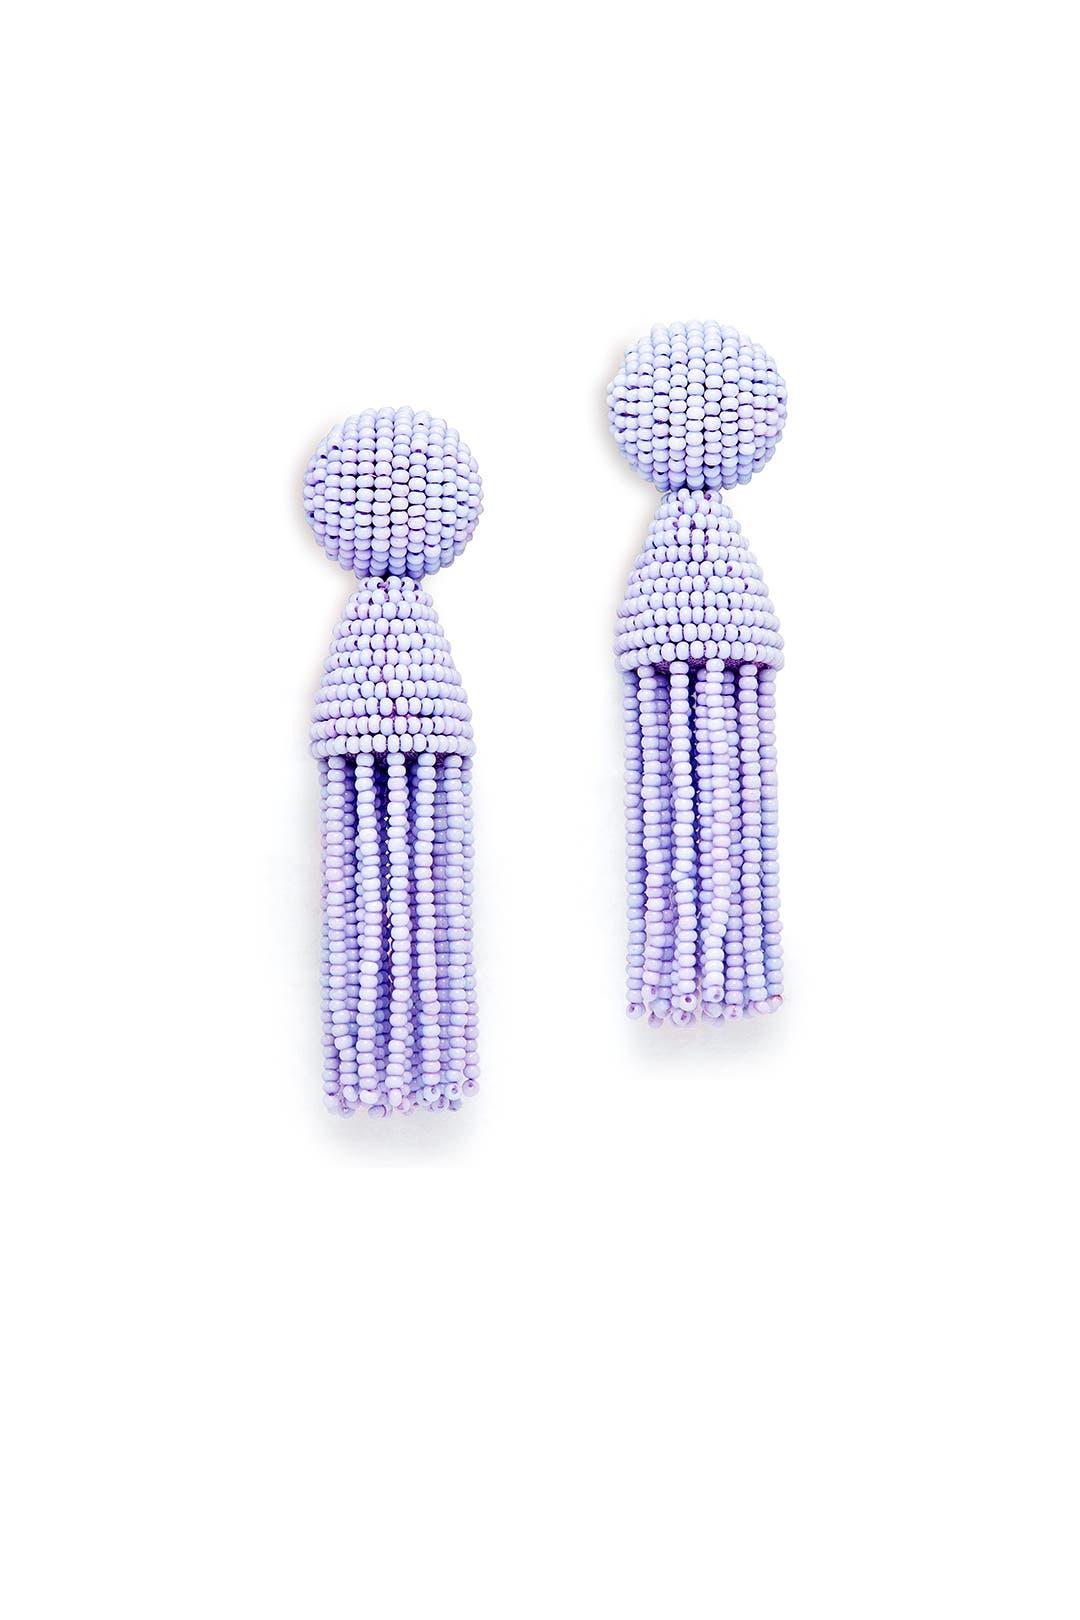 Lilac Short Tel Earrings By Oscar De La A For 50 The Runway